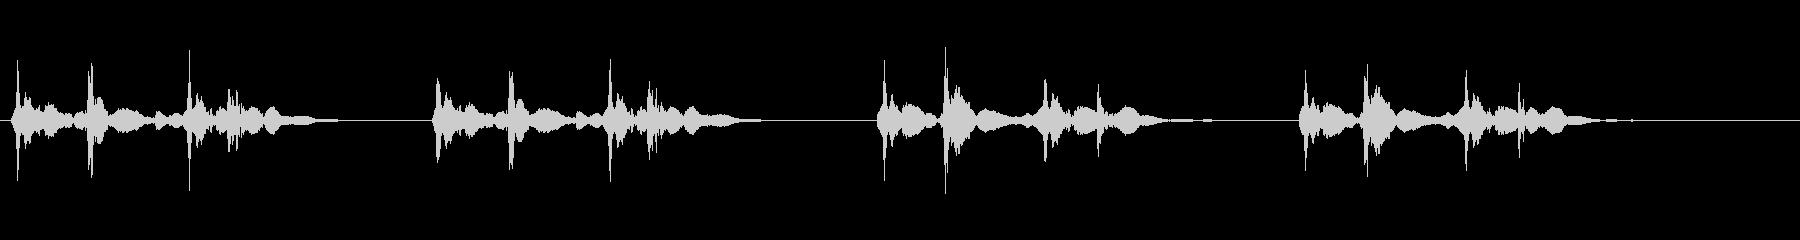 パカパッパカパッパカパッ(走る馬の音)の未再生の波形